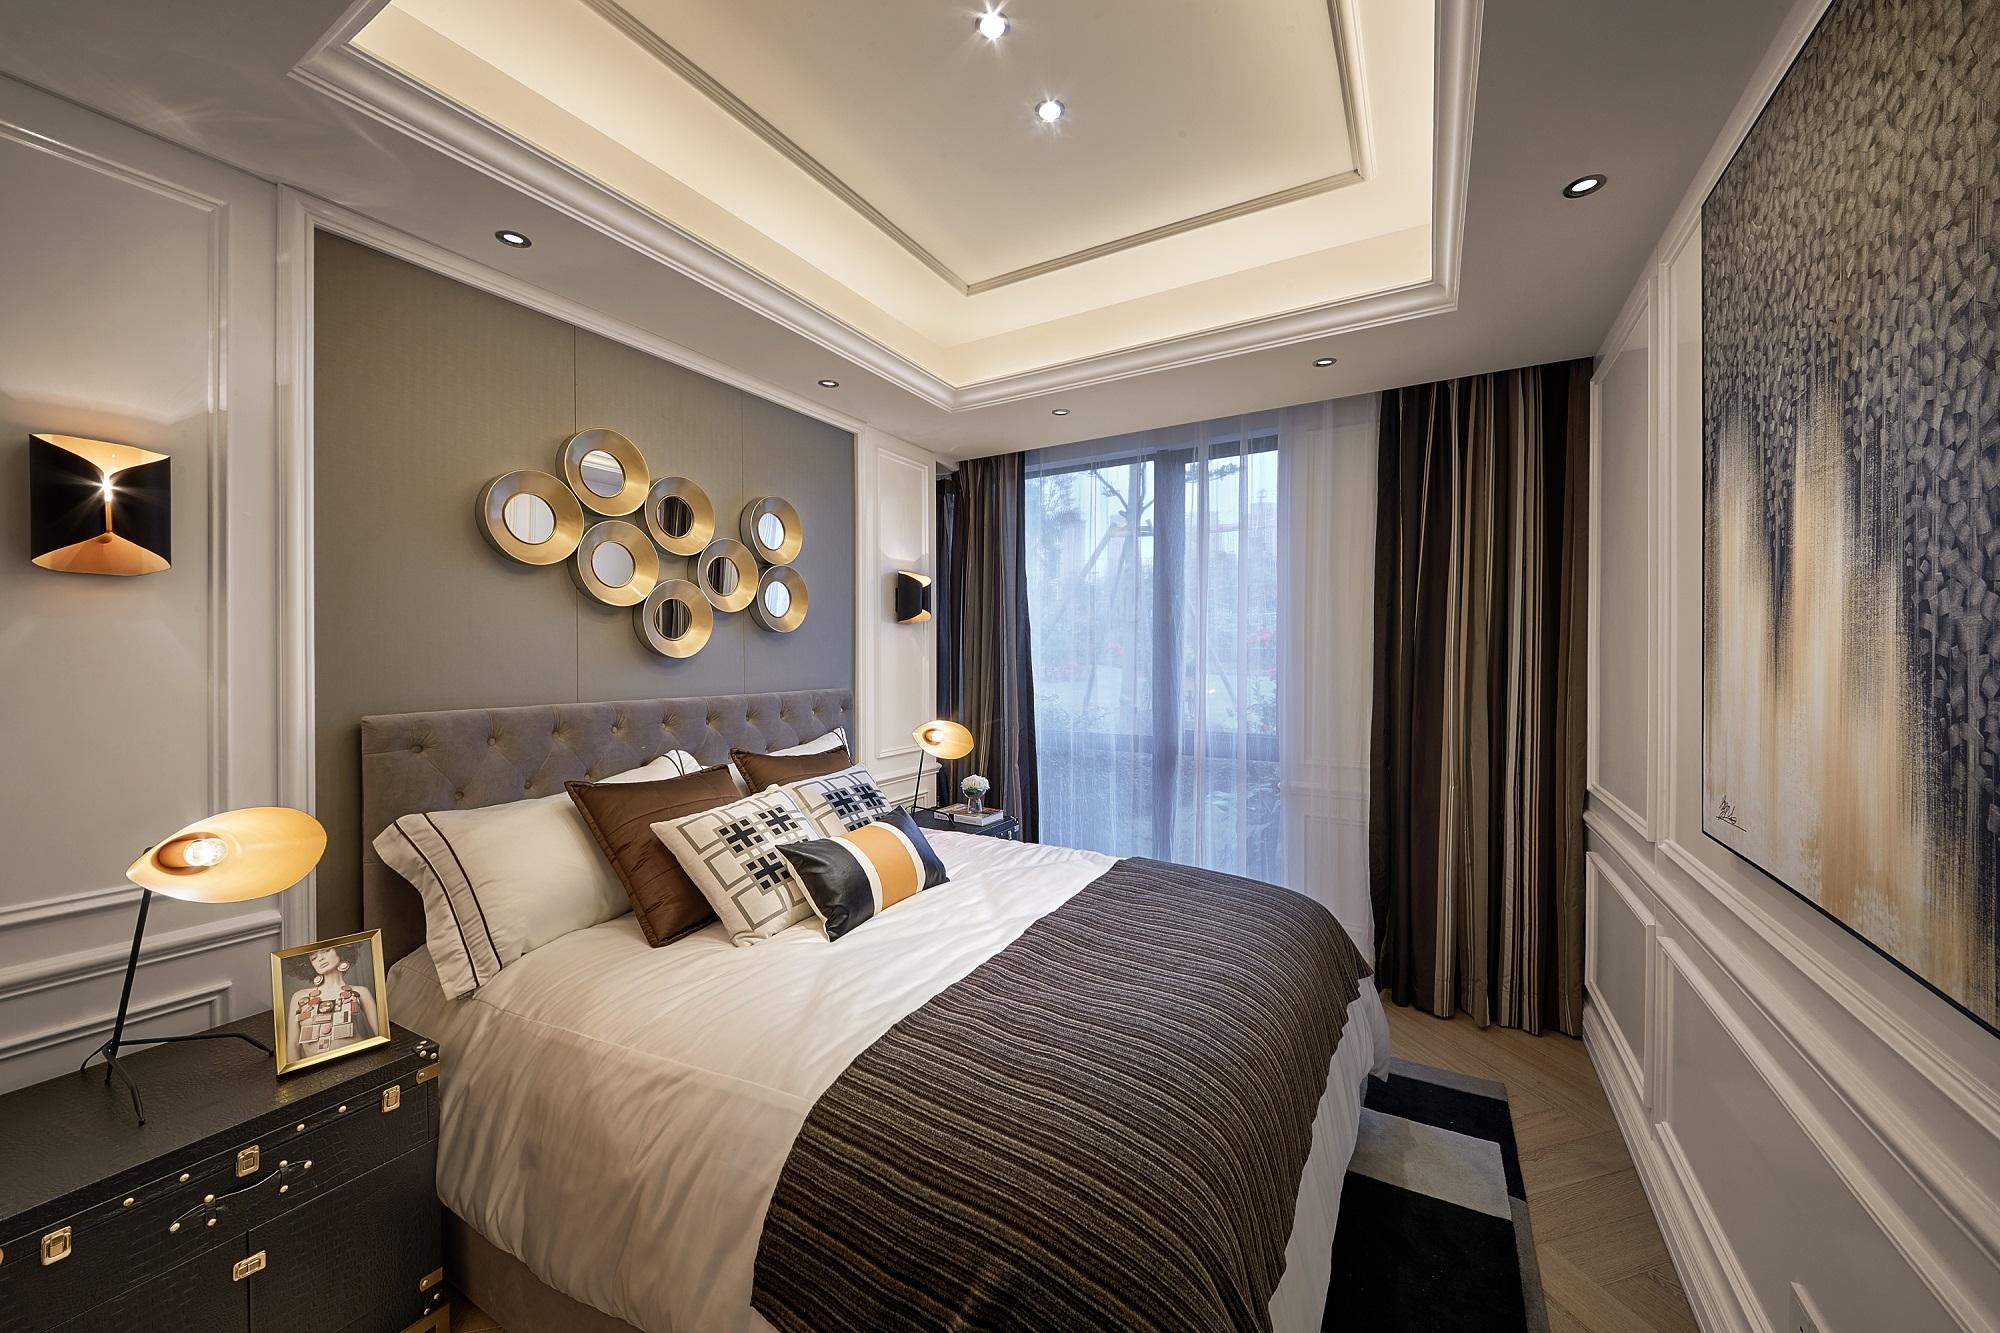 卧室背景墙立体感十足,落地窗搭配纱帘更能营造空间氛围。